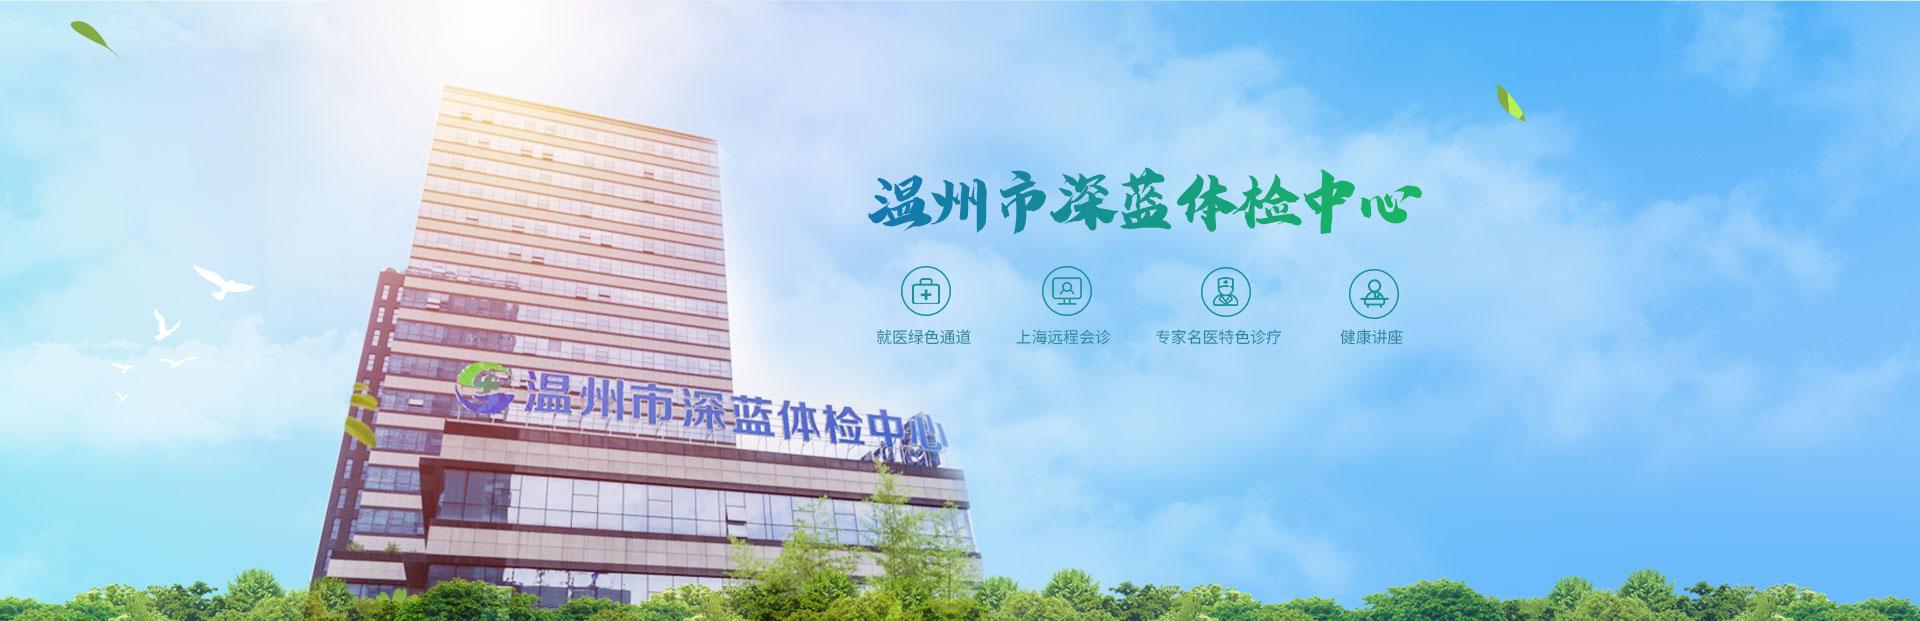 温州体检中心官方网站在线体检预约